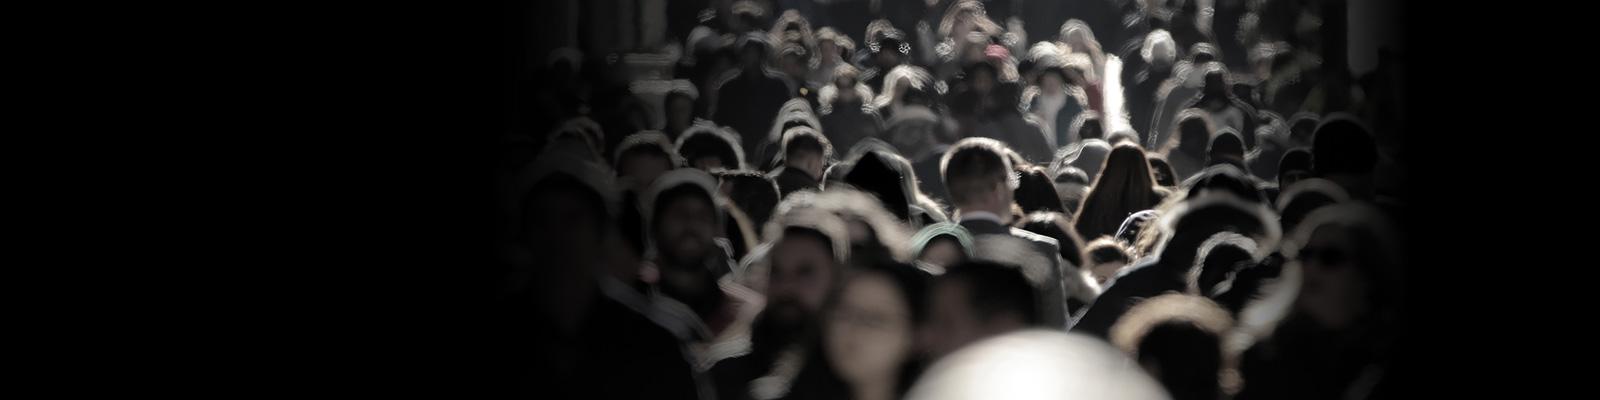 群衆 世論 人々 イメージ